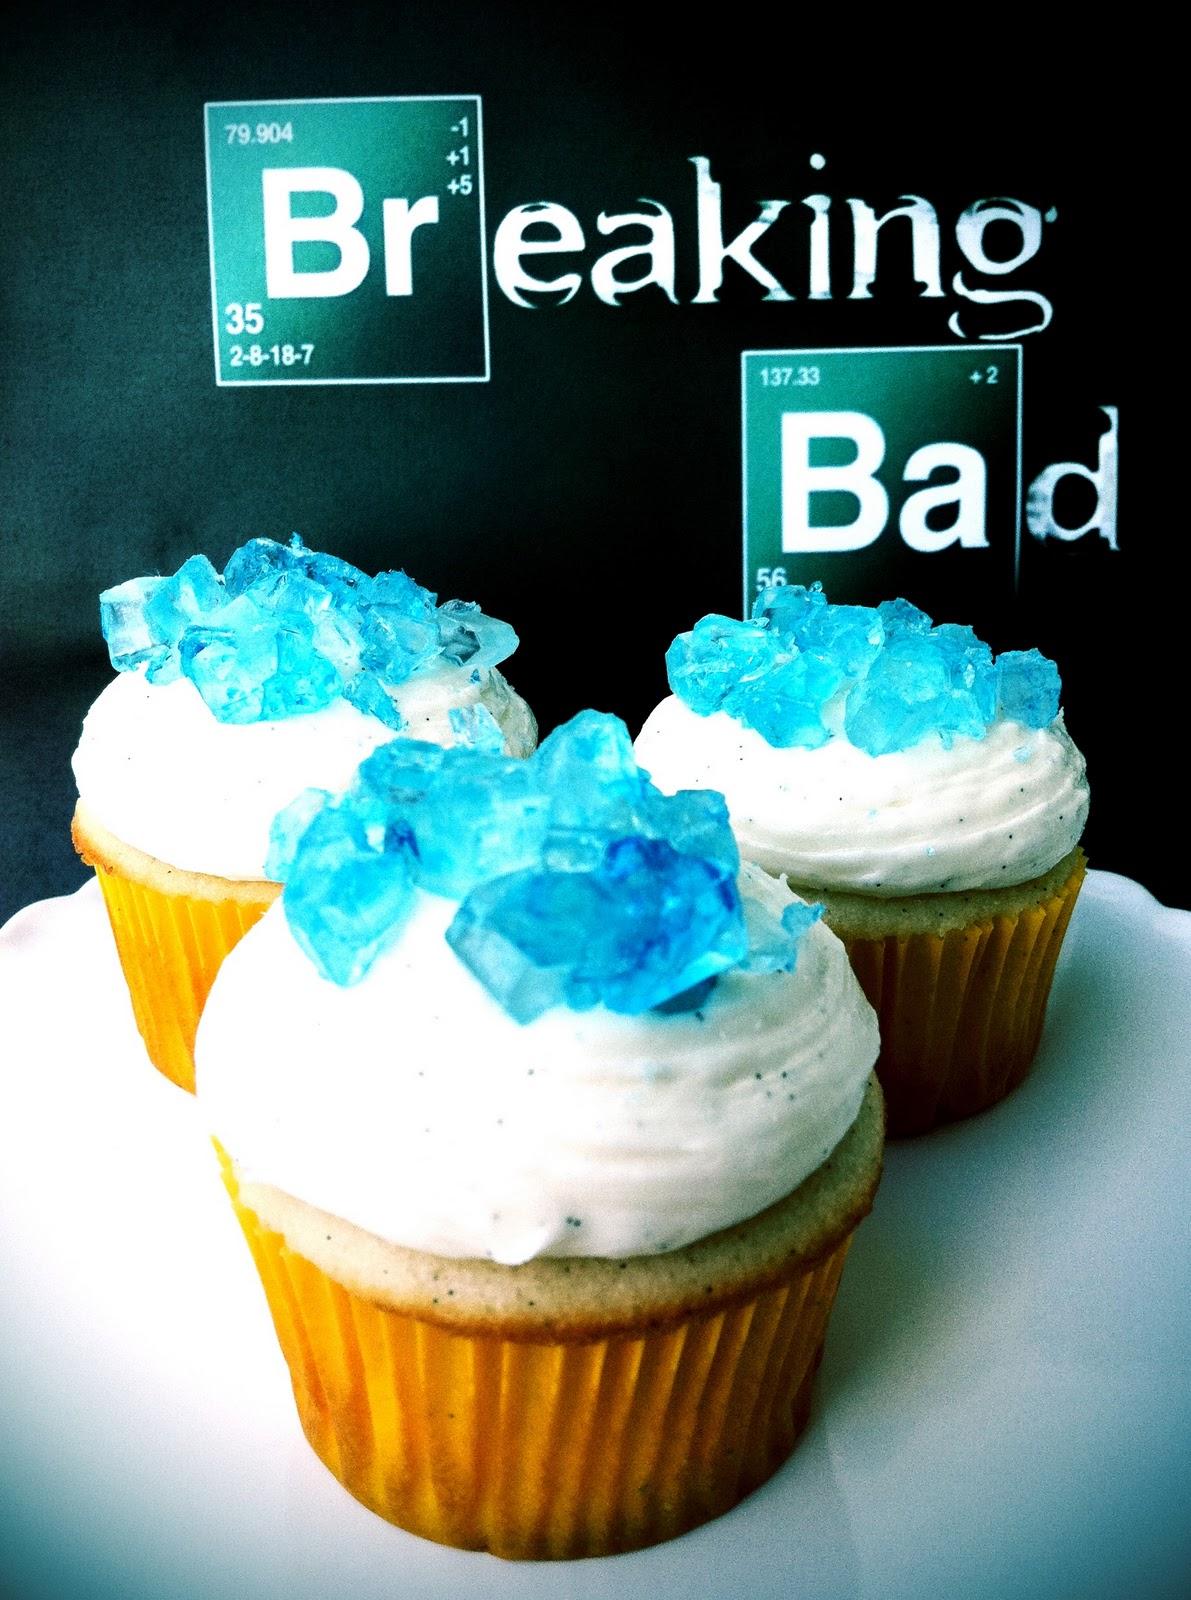 Breaking Bad  Cupcakes  Zuckerbäckerei